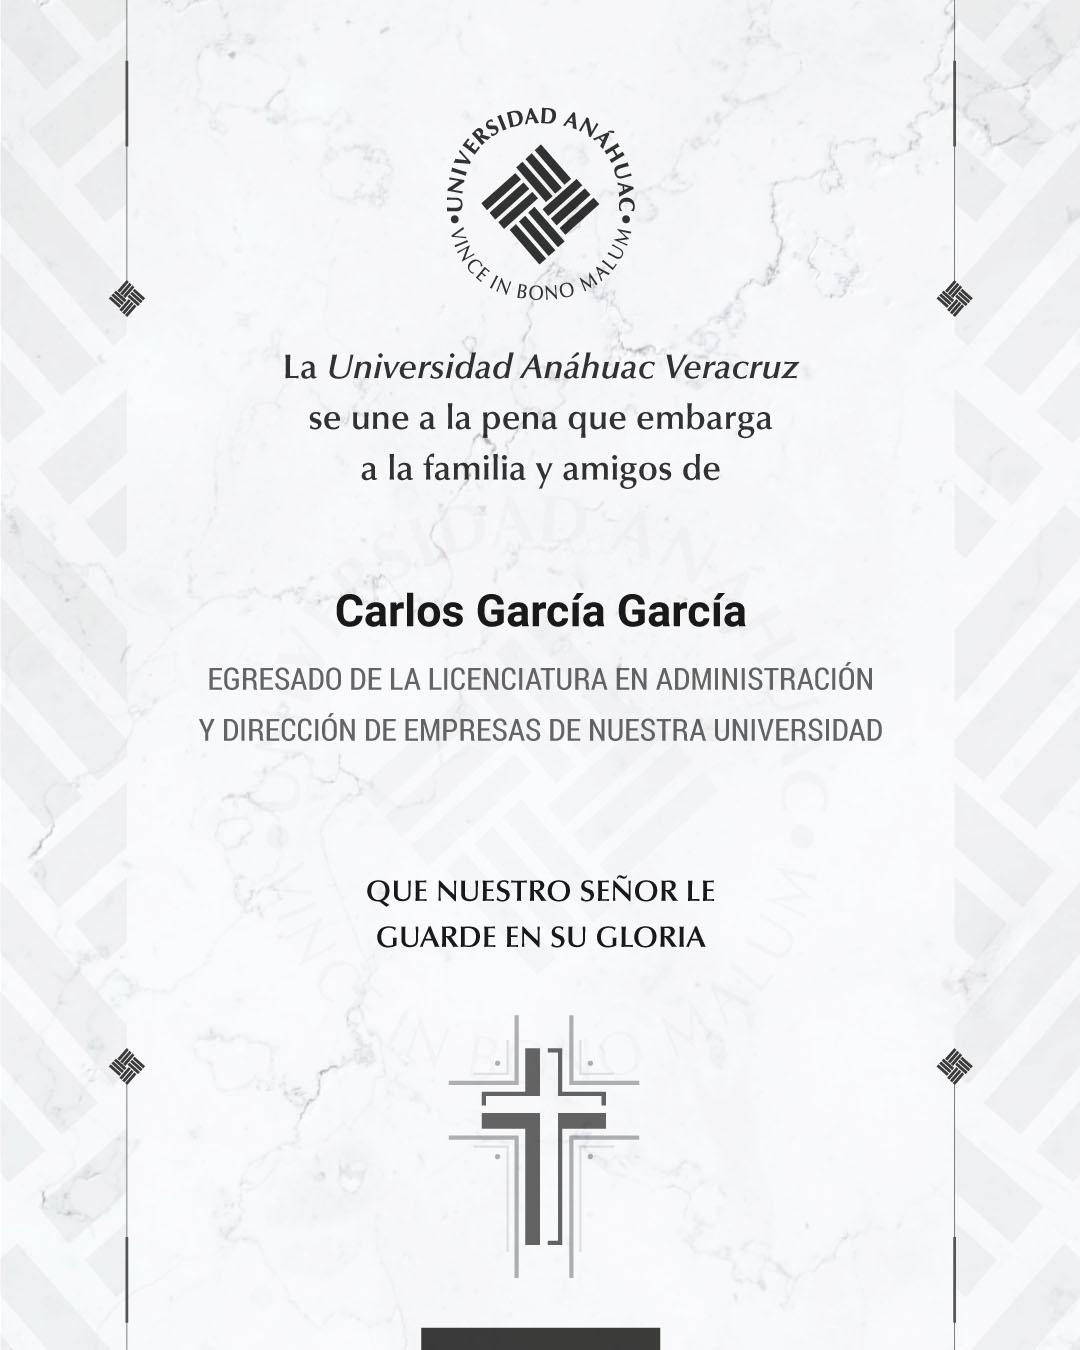 10 / 14 - Carlos García García